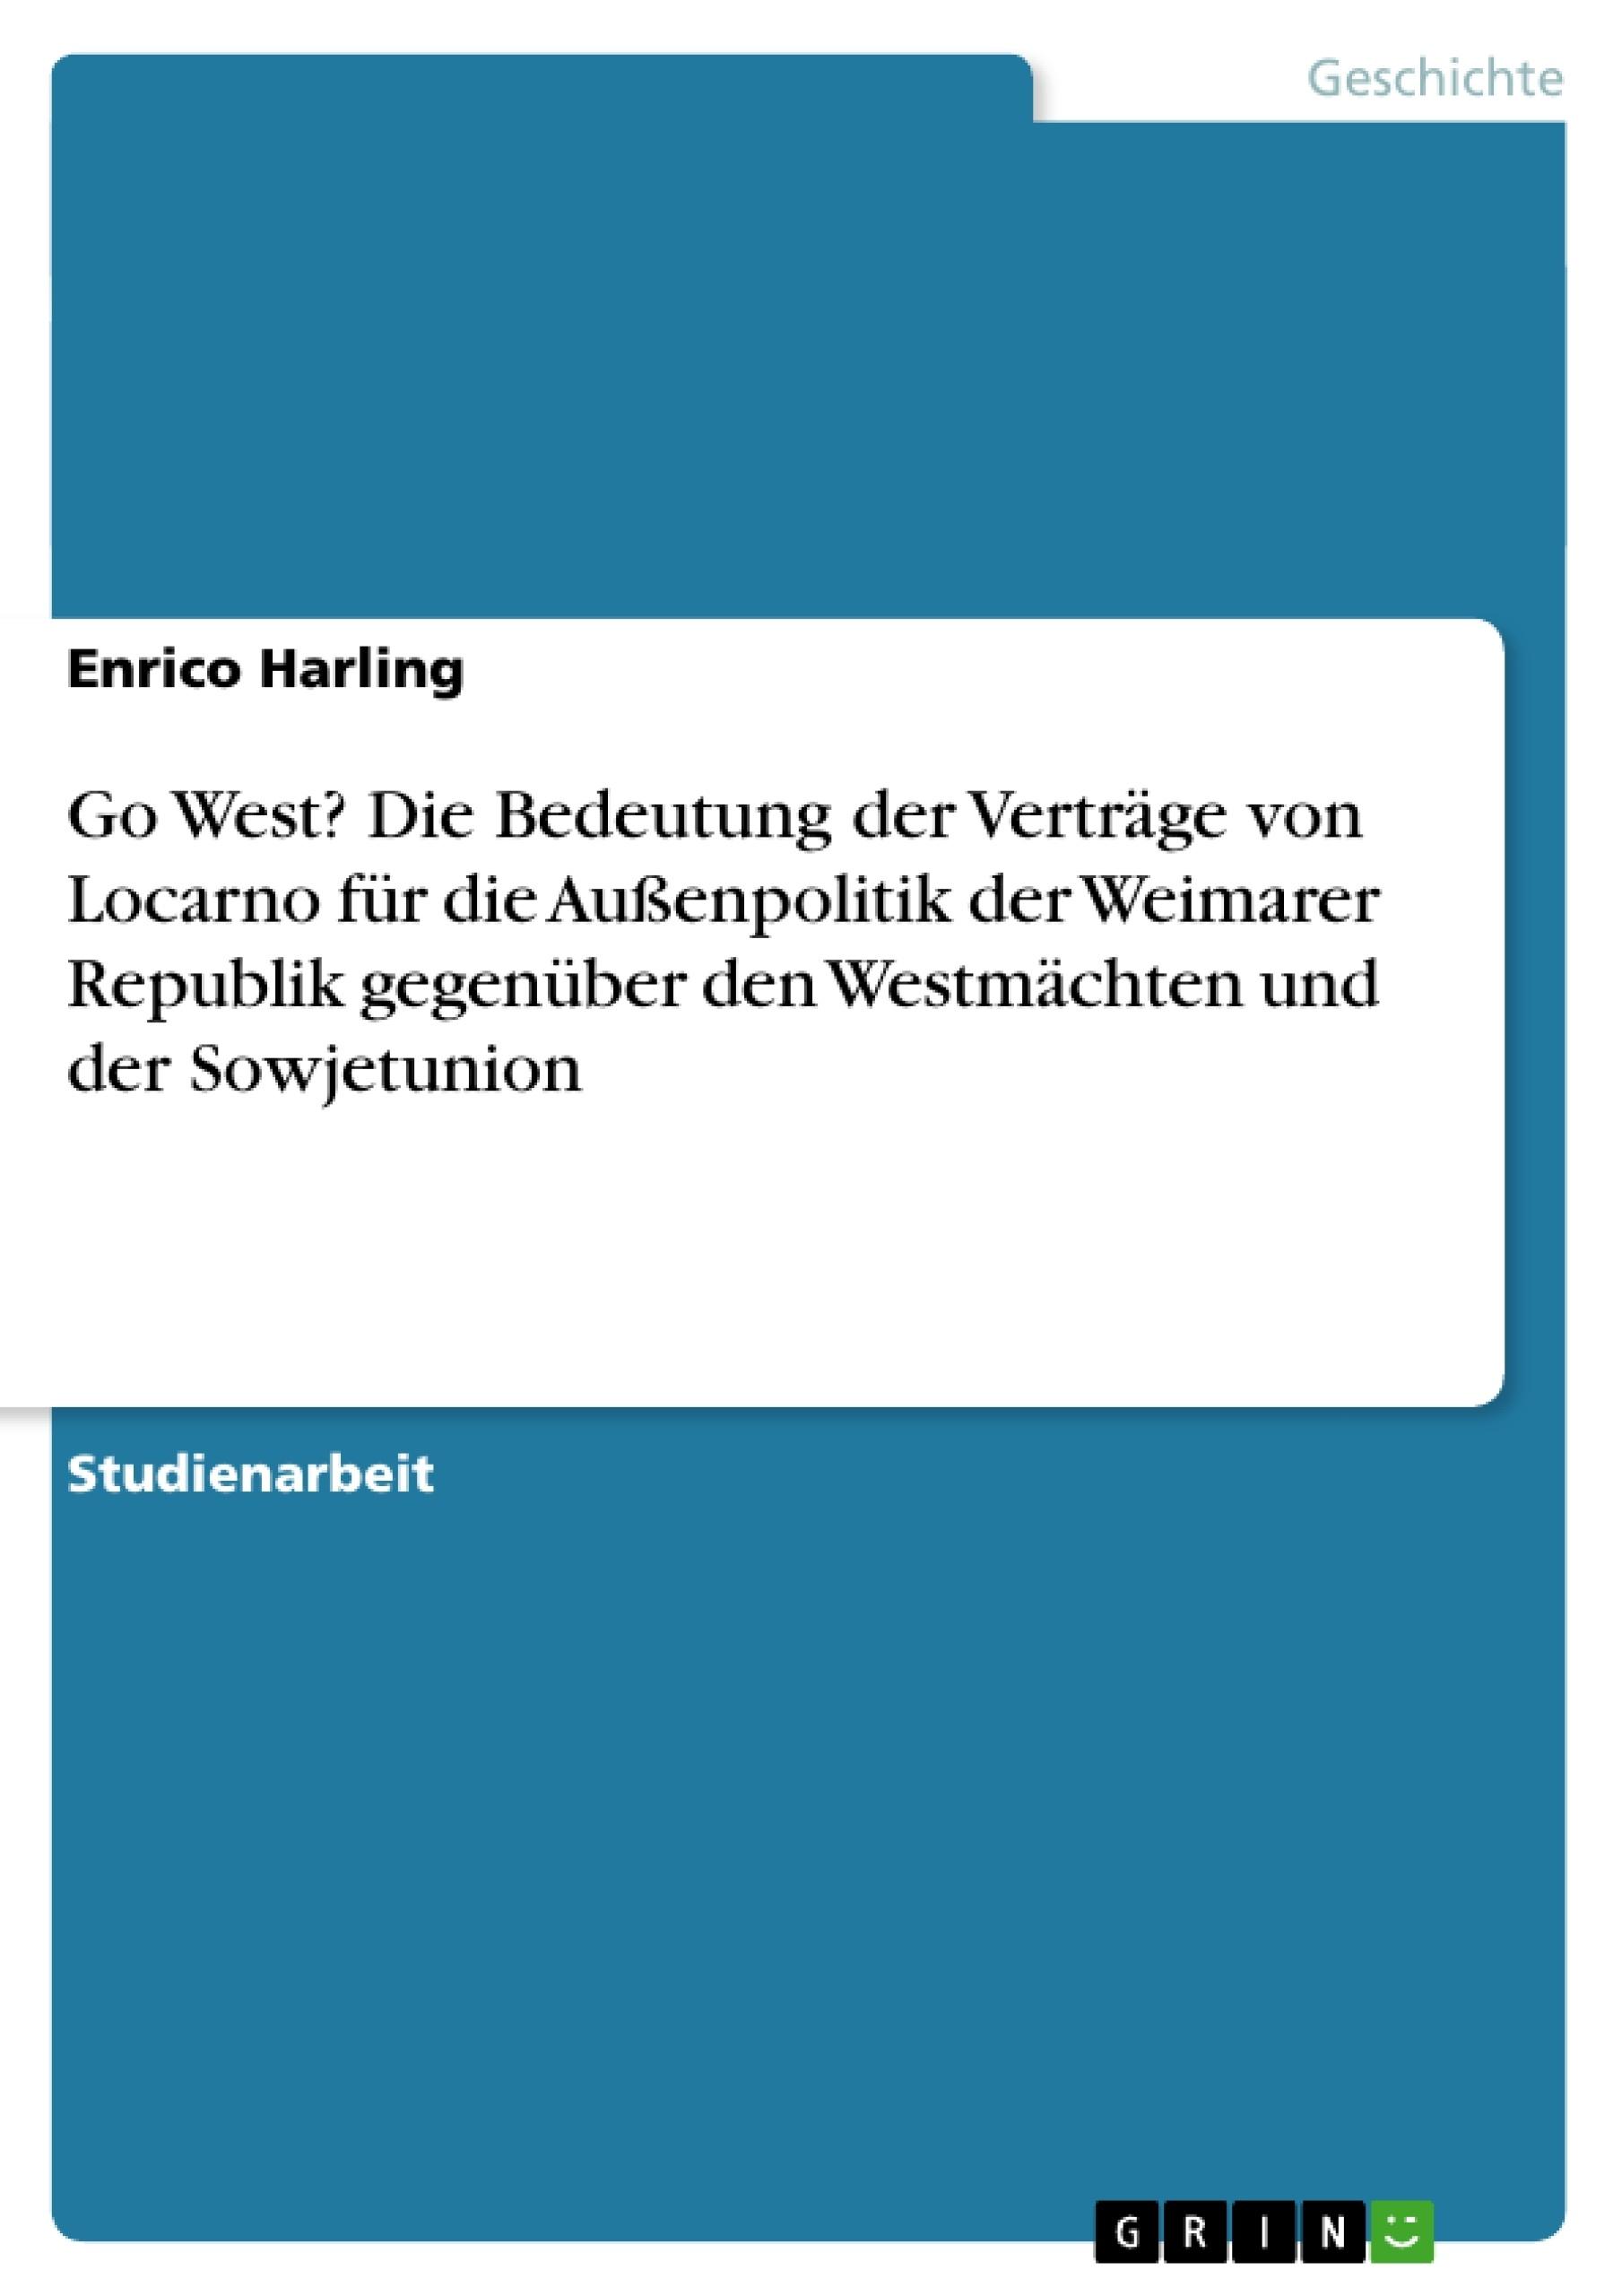 Titel: Go West? Die Bedeutung der Verträge von Locarno für die Außenpolitik der Weimarer Republik gegenüber den Westmächten und der Sowjetunion